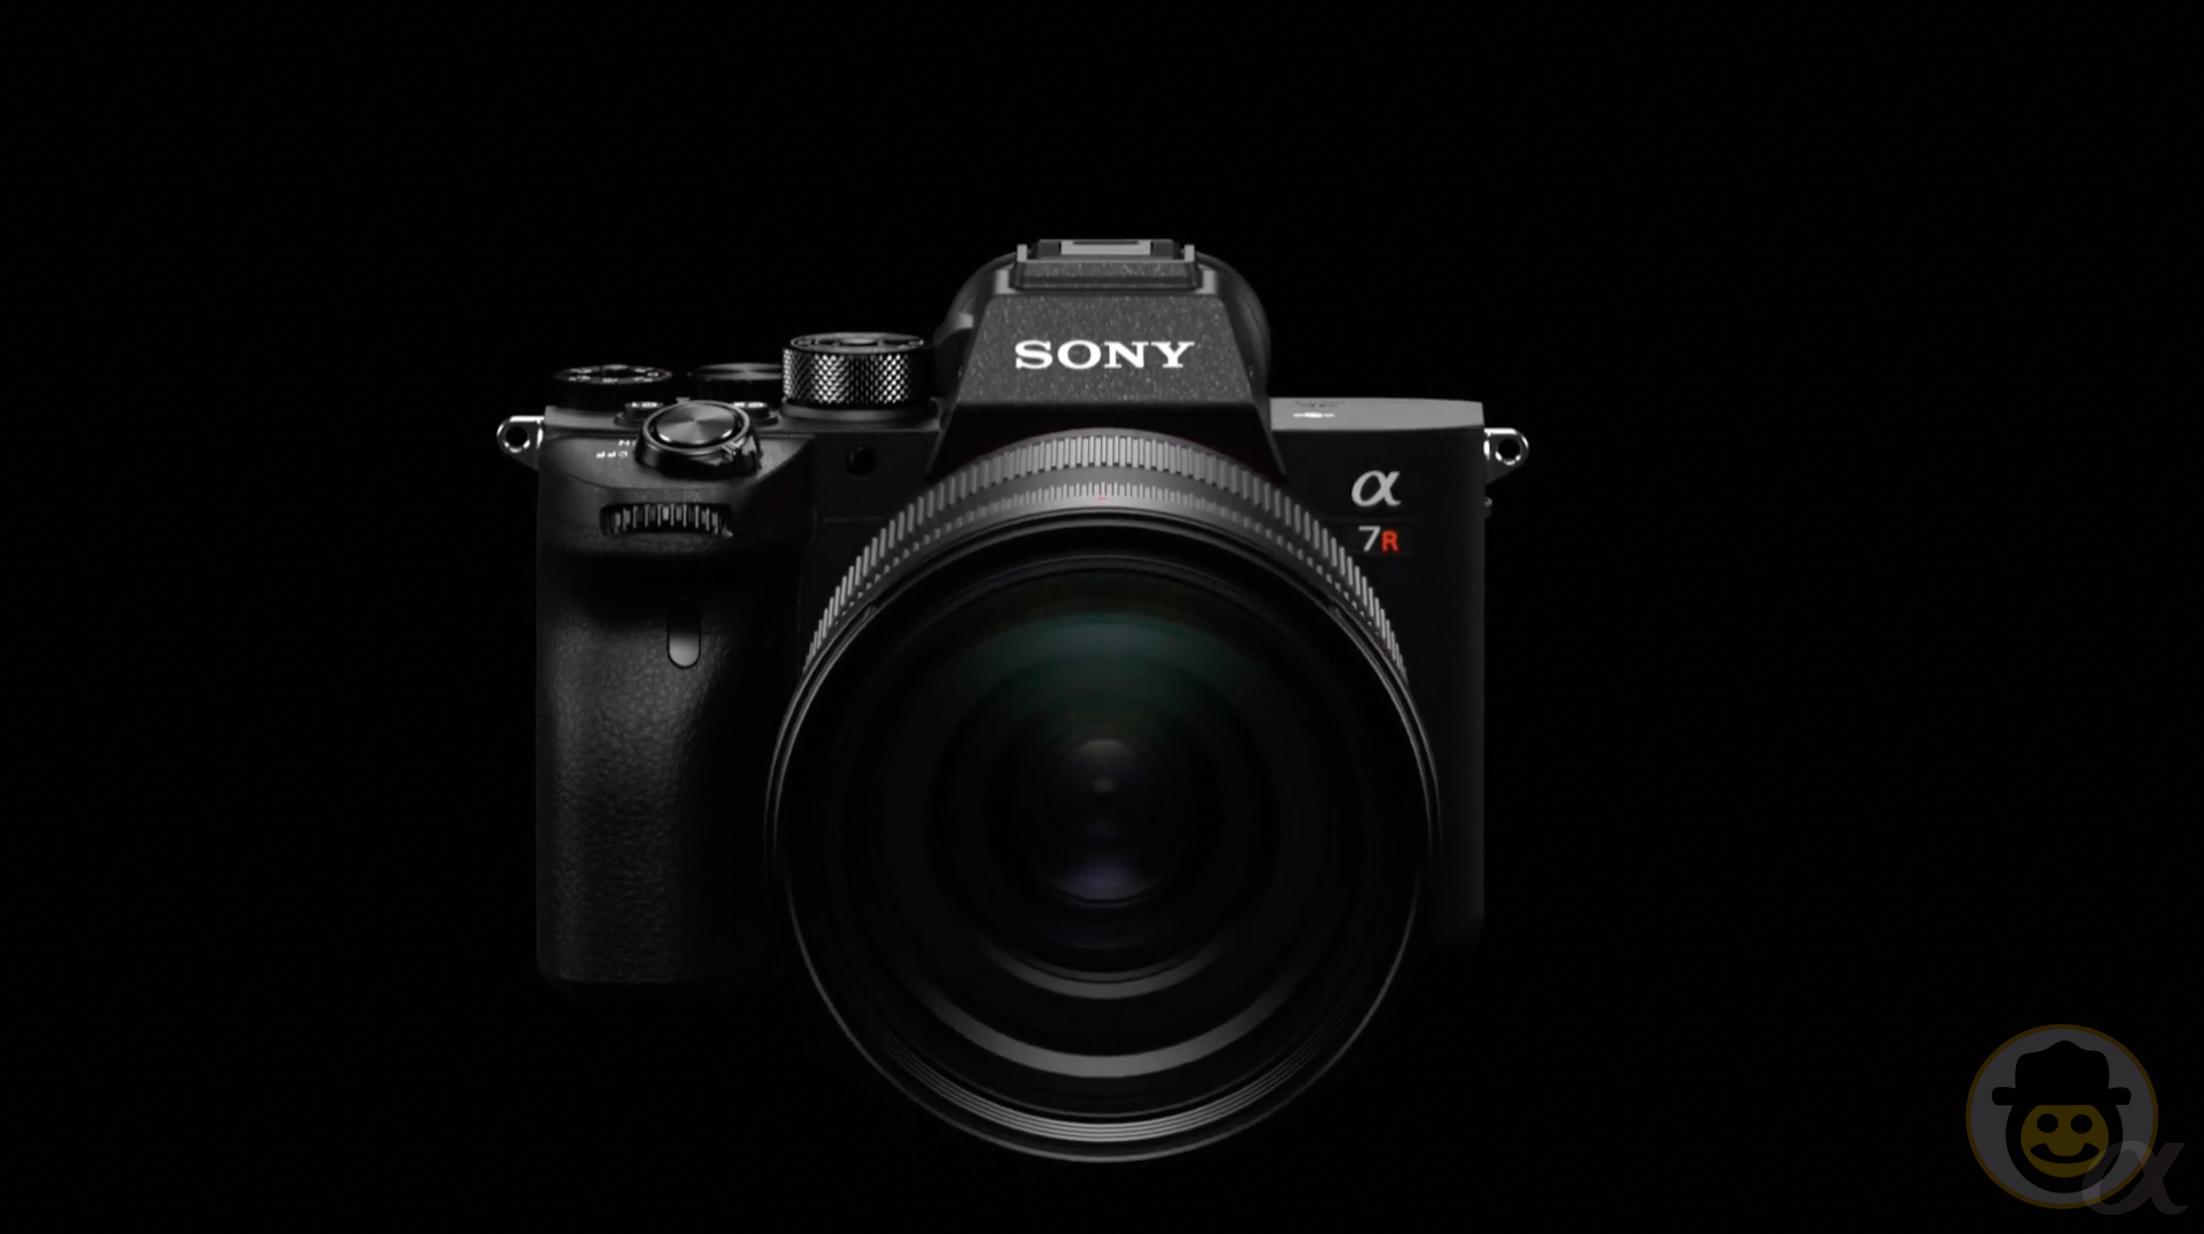 ソニー「α7R Ⅳ」を発表。世界初6100万画素センサー搭載のフルサイズミラーレスカメラ